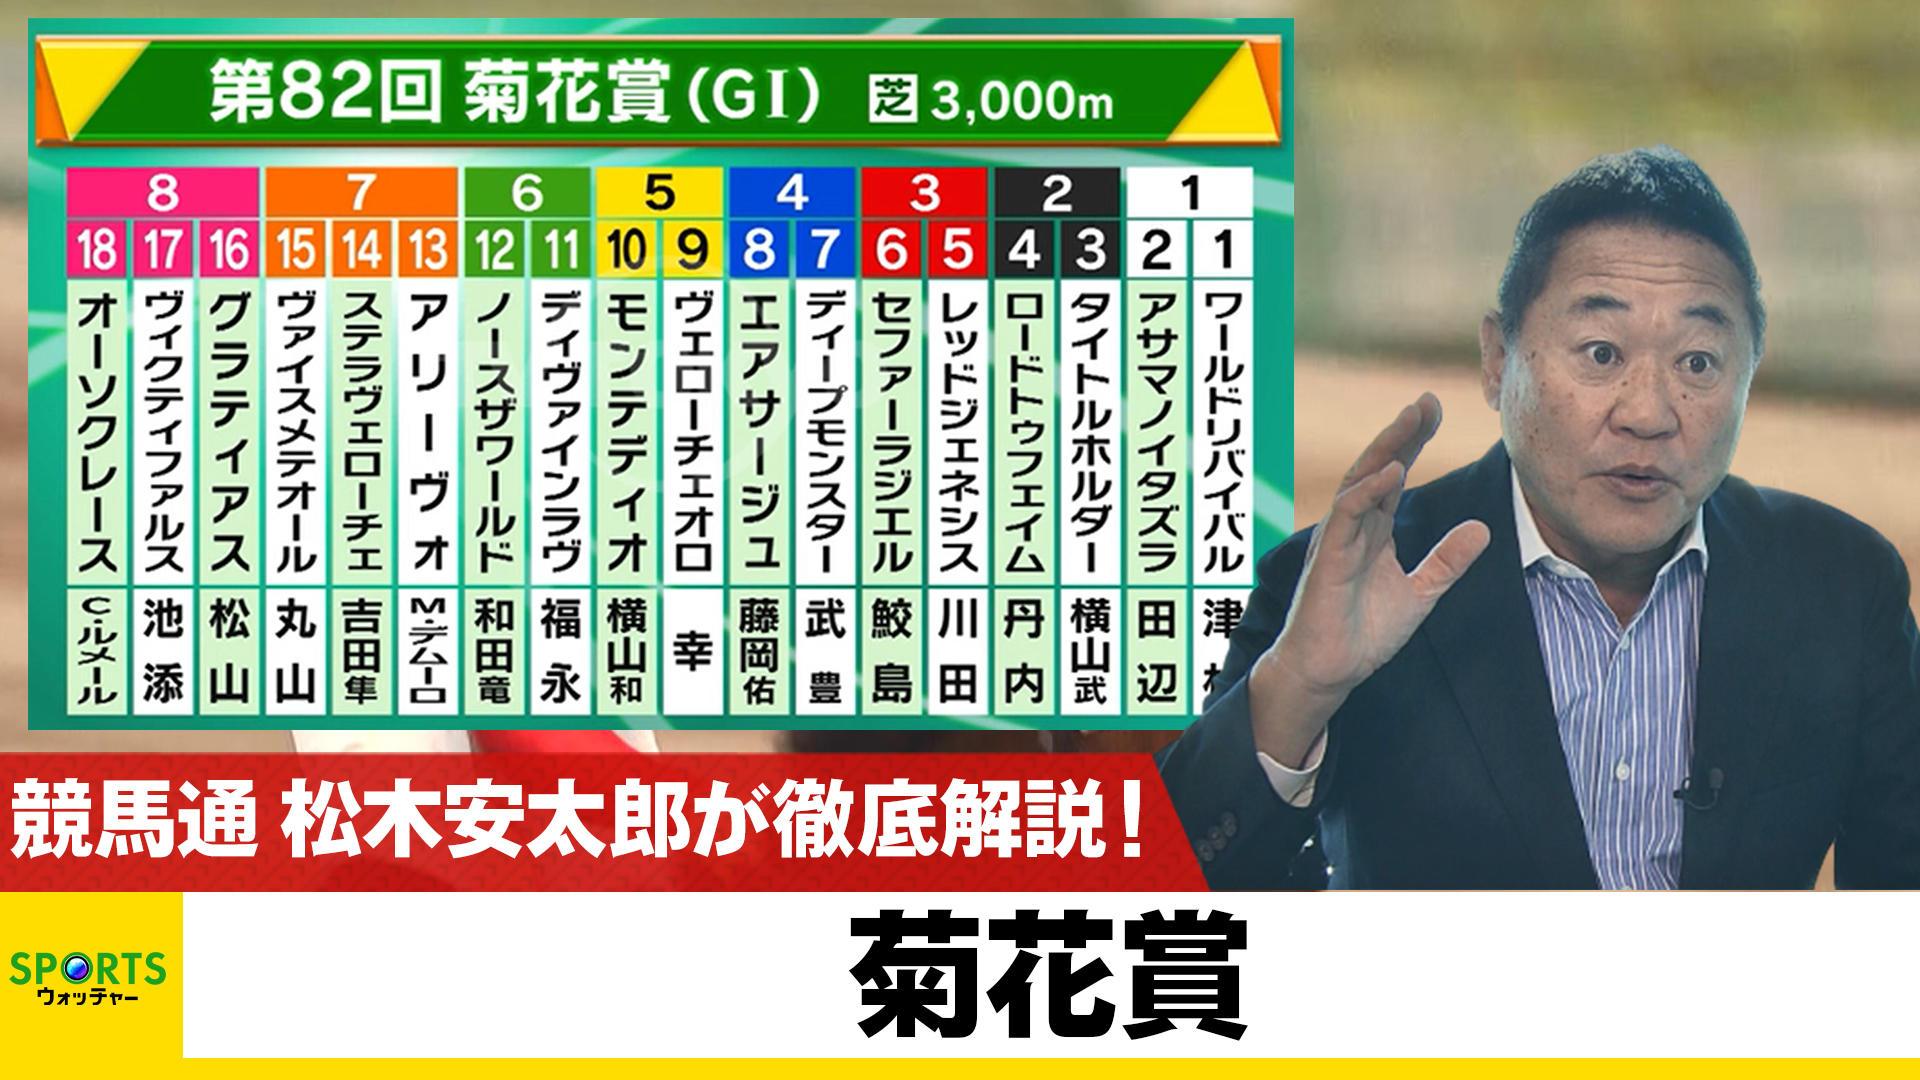 【菊花賞】クラシック最終戦を制するのは?サッカー界きっての競馬通・松木安太郎が徹底解説!